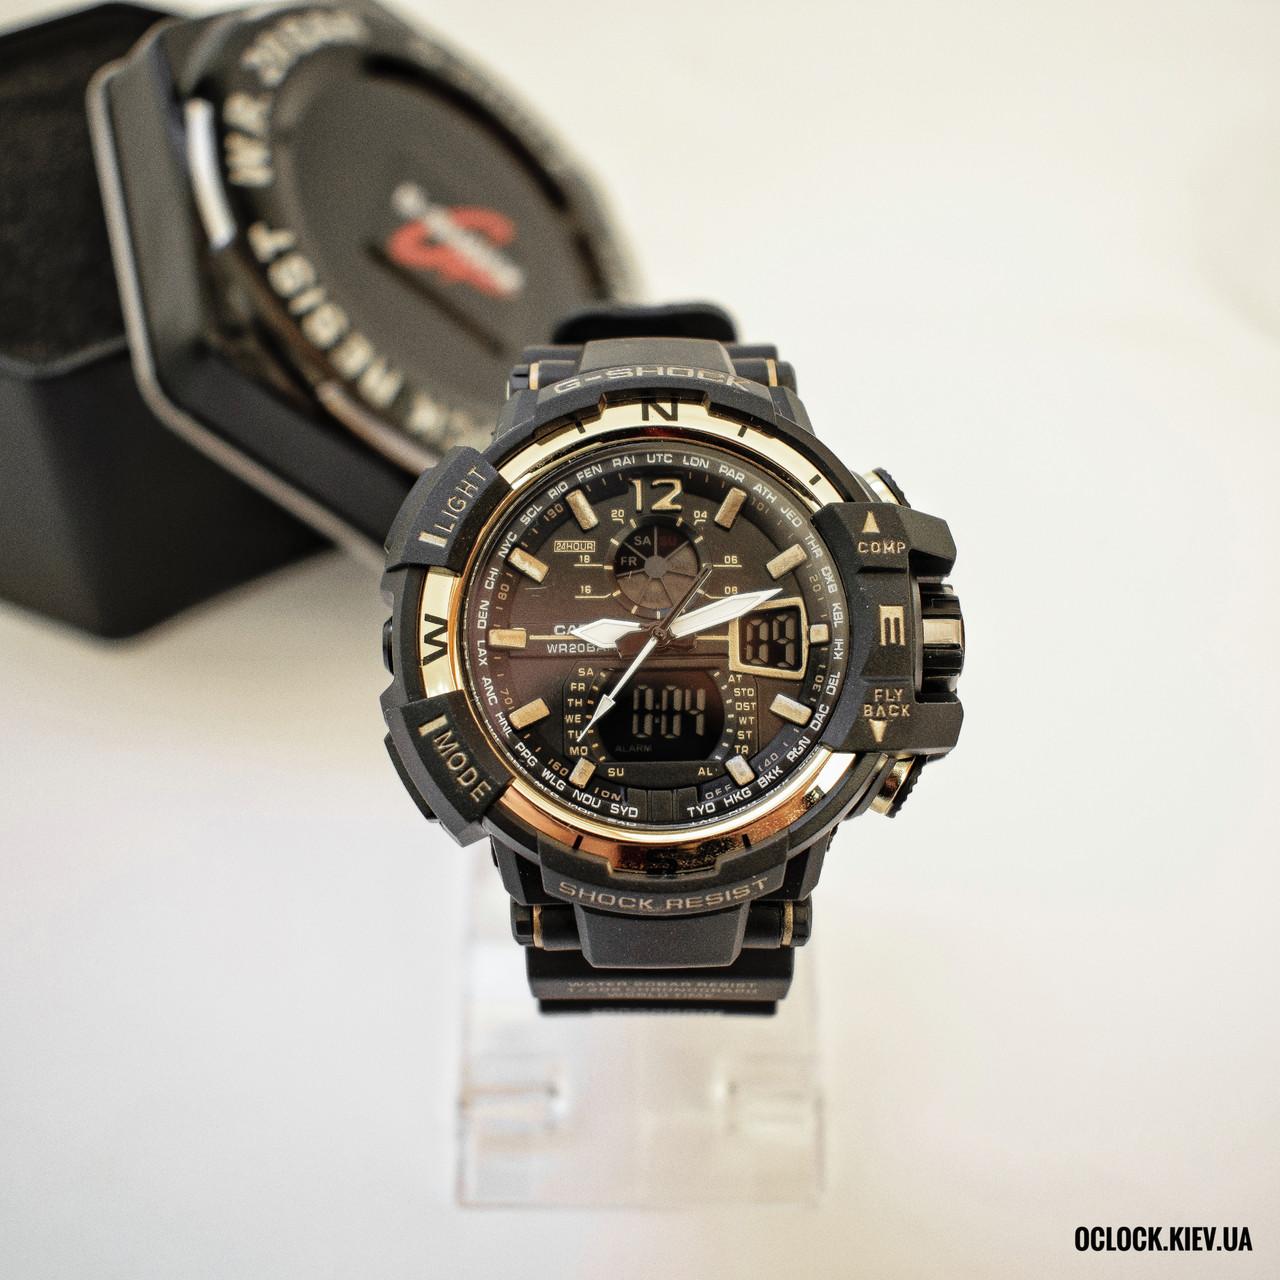 Часы Casio G-Shock GW-1100 золотой (replica)